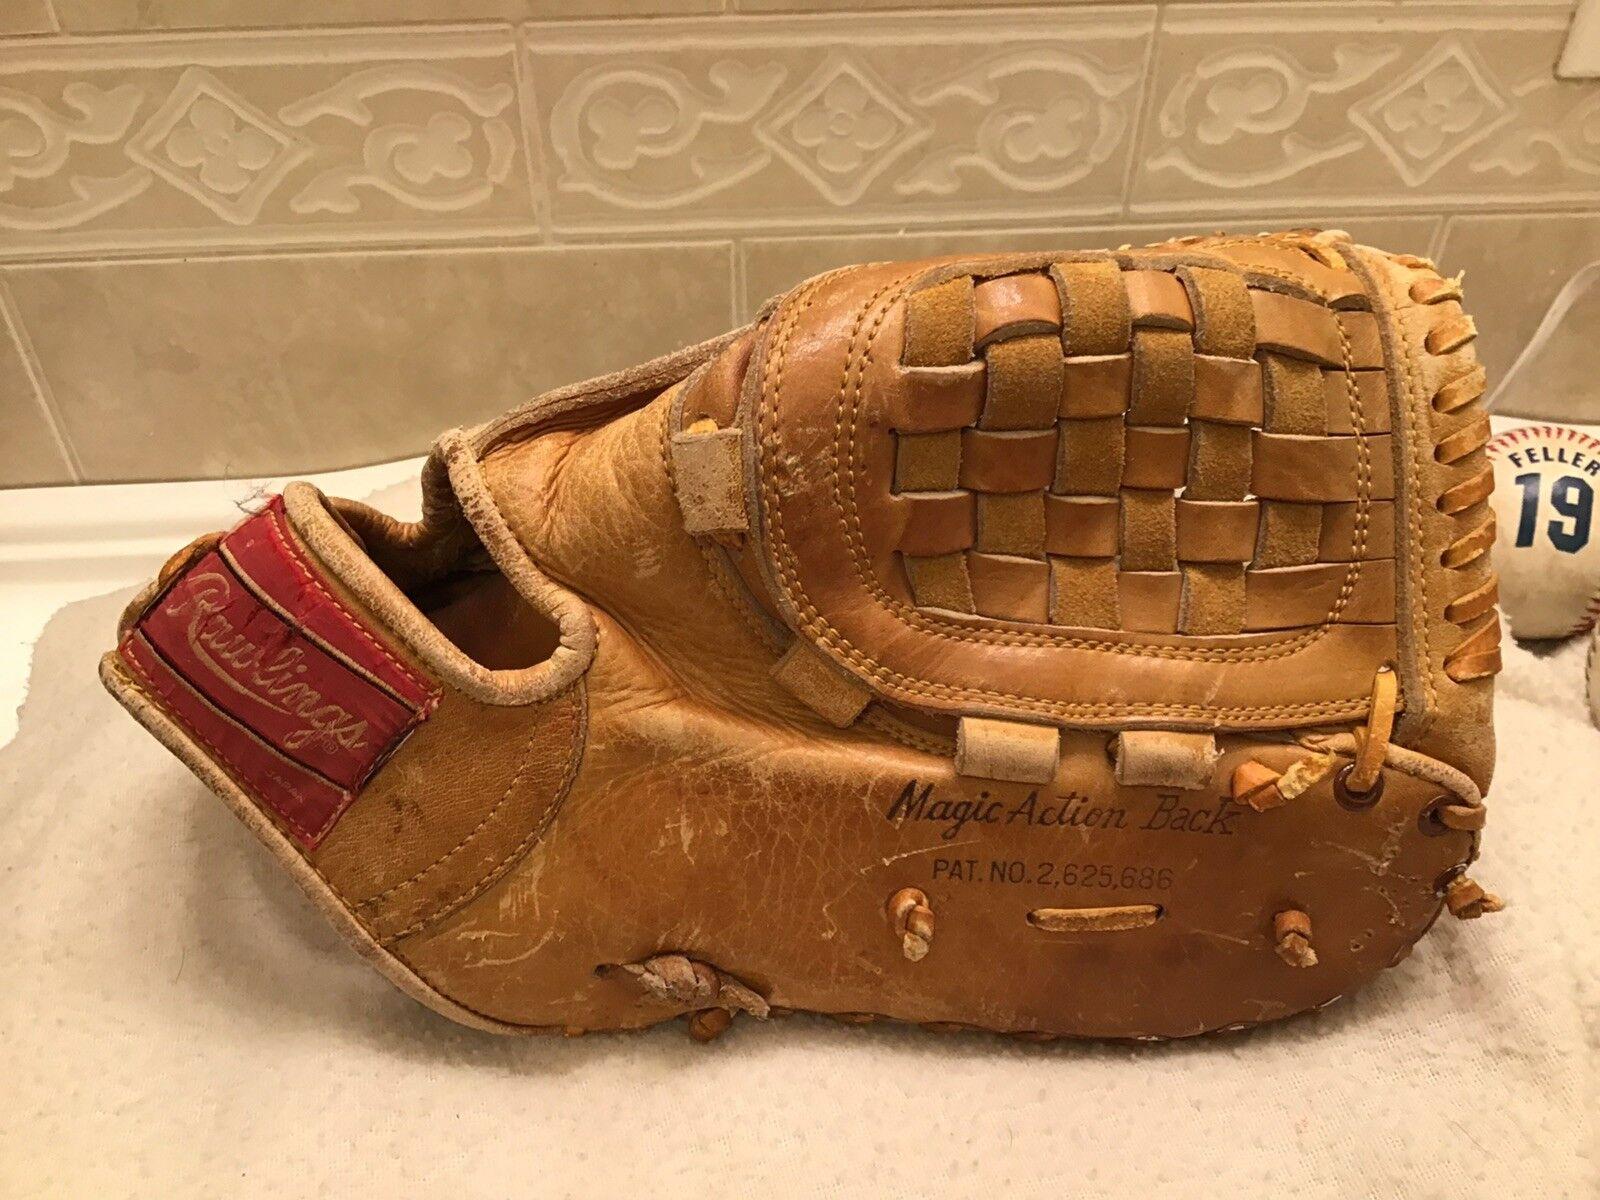 Rollins fjj, 5, 12 años, béisbol, primera base, guantes a mano derecha, lanzamiento a Japón.